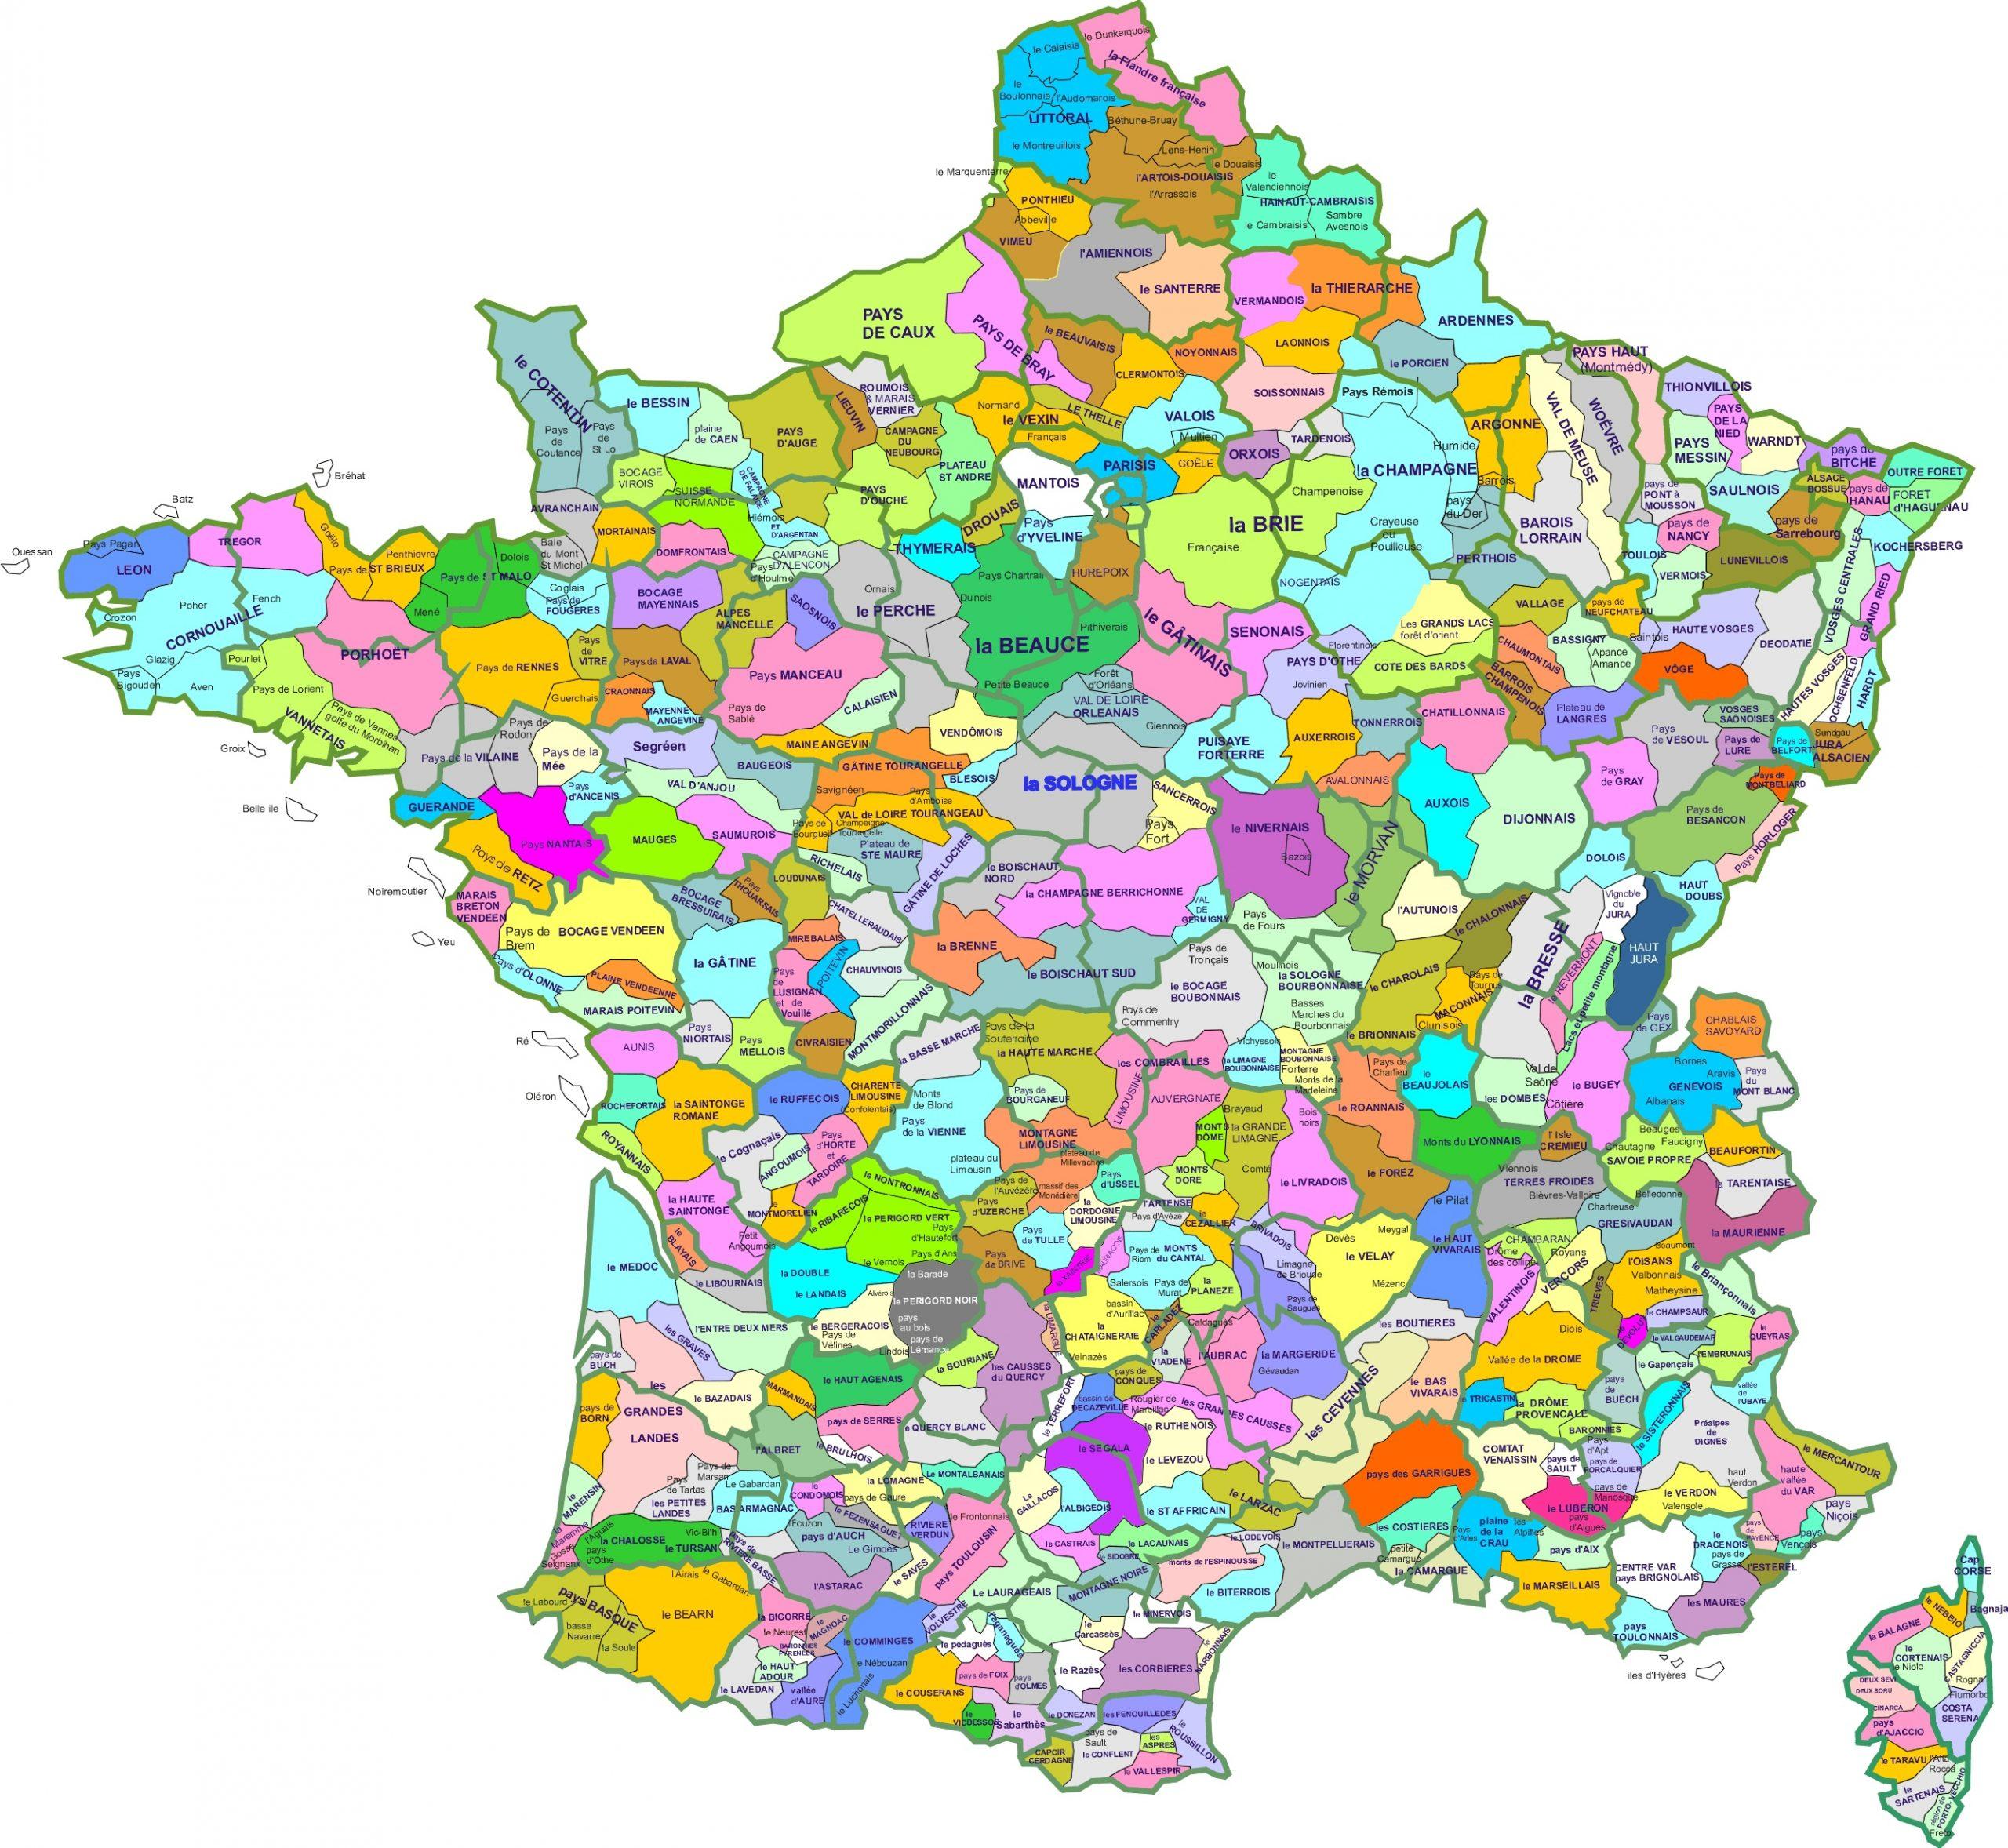 Dessin Carte De France Stylisé Archives - Coloriagemagique.club pour Coloriage Carte De France